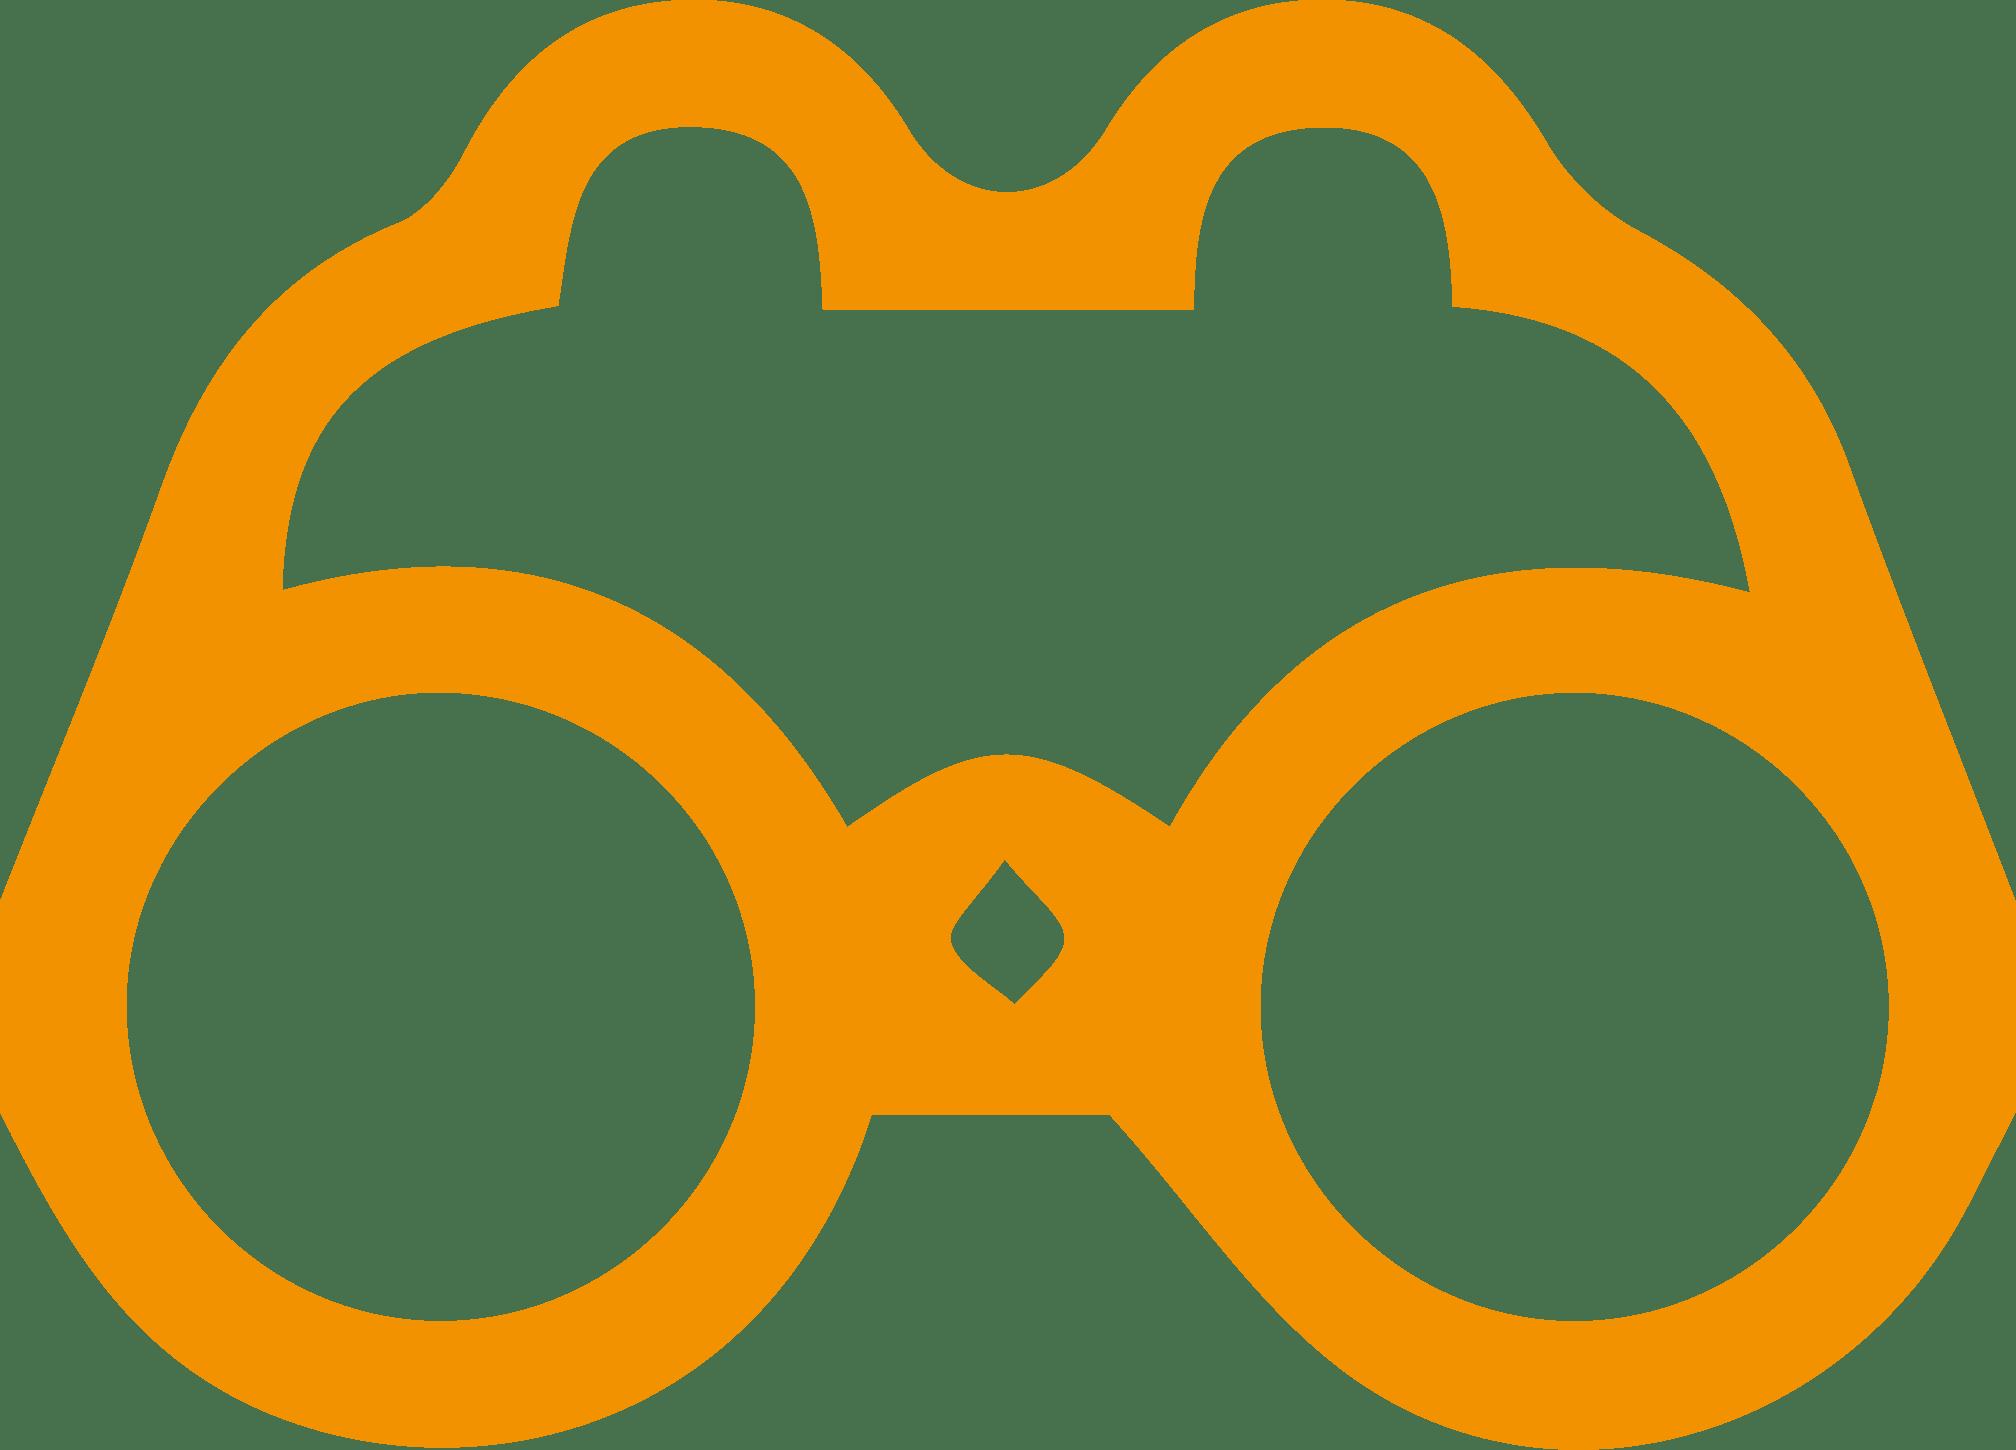 pictogramme veille étude de marché